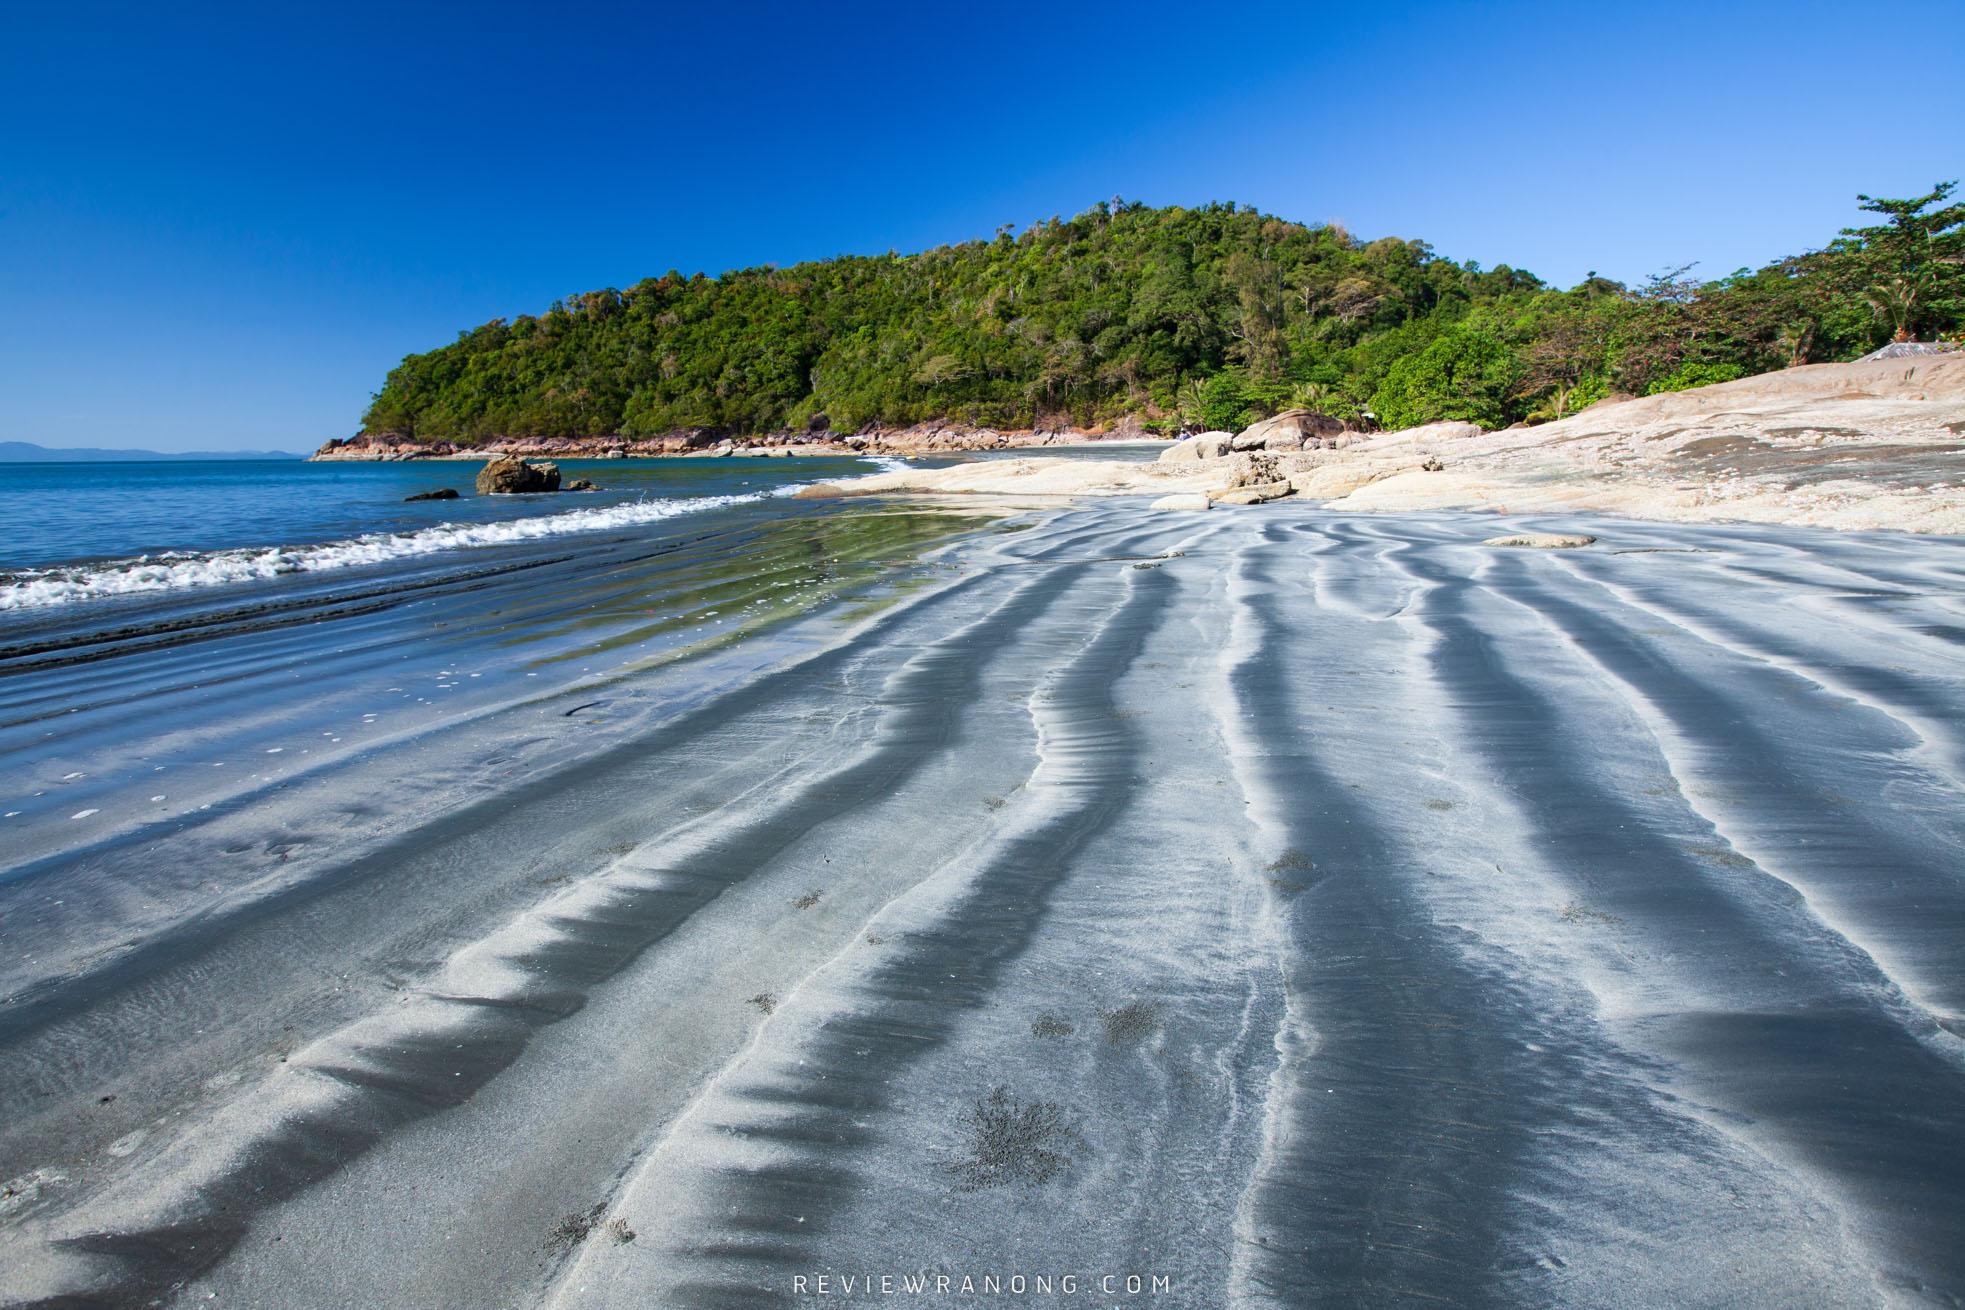 ปักหมุดเกาะสวยๆ น้ำใสๆ หาดทรายขาว จุดเช็คอินเด็ดๆไม่ควรพลาด เกาะช้าง จังหวัดระนอง